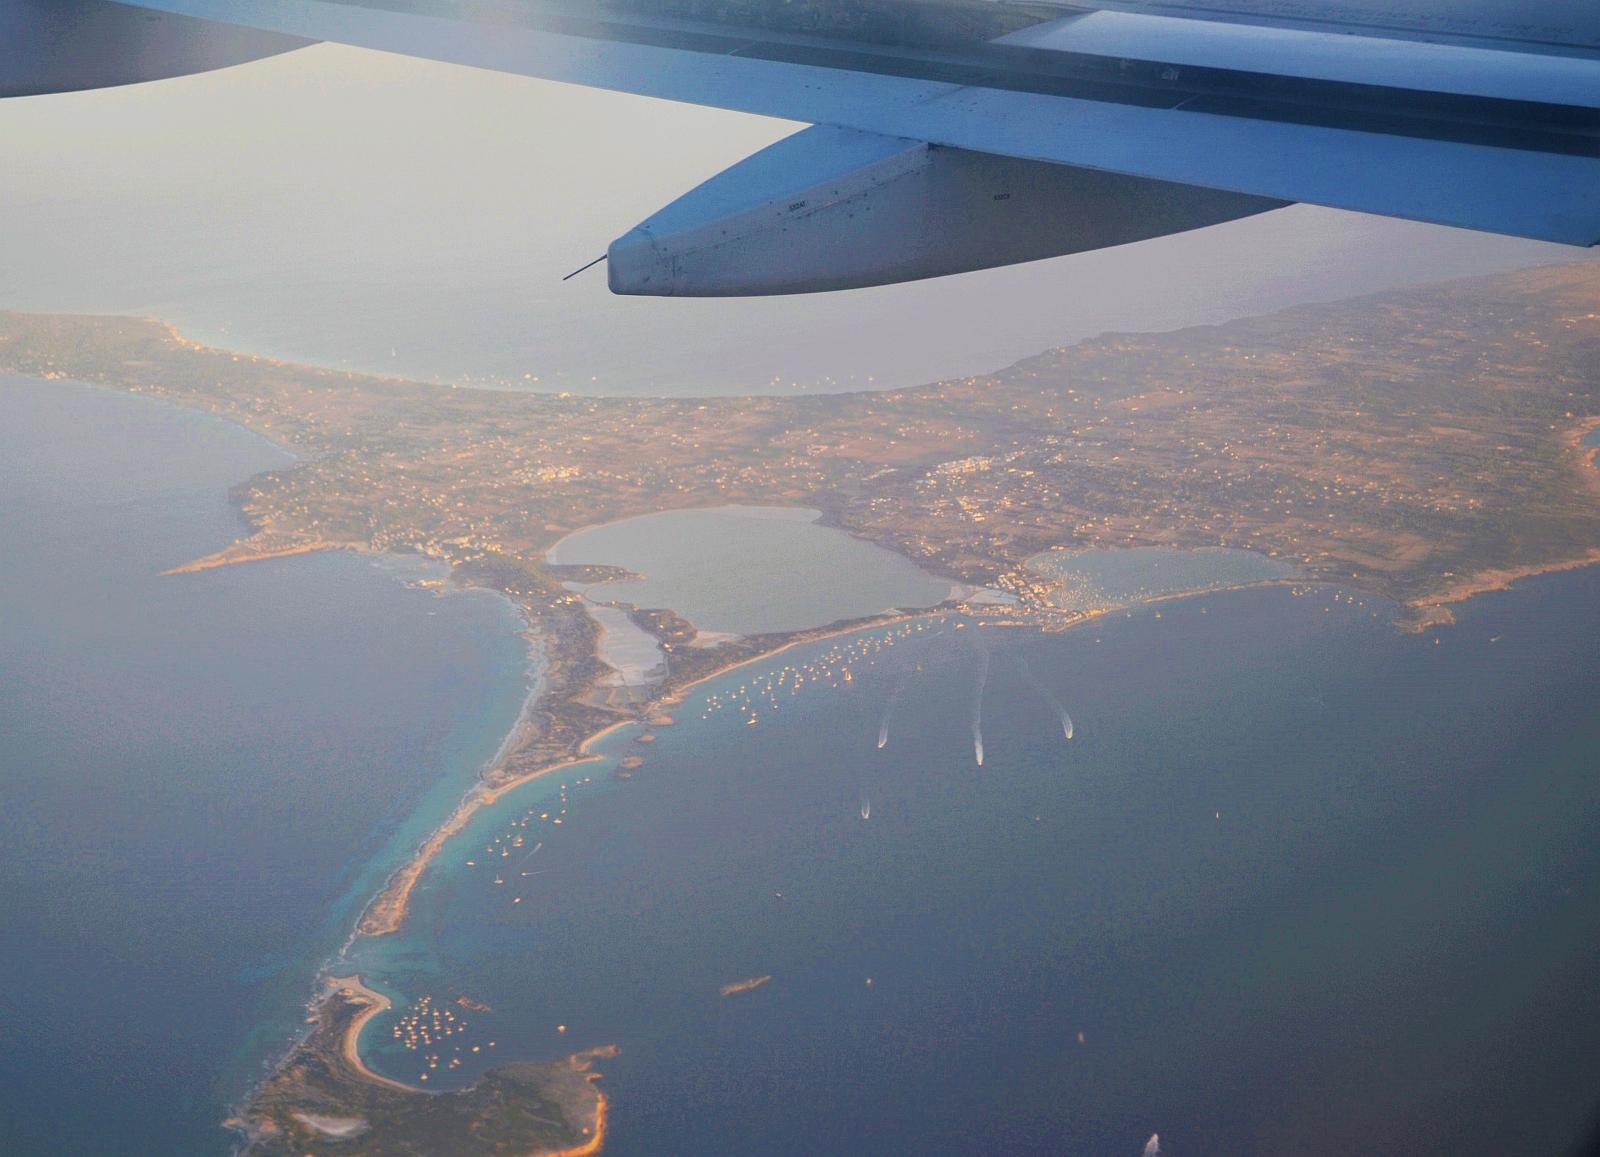 Die wunderschöne Insel Formentera setzt auf ein neues Modell in der Abfallwirtschaft. Schon jetzt werden 24 Prozent der jährlich produzierten Abfälle recycelt.